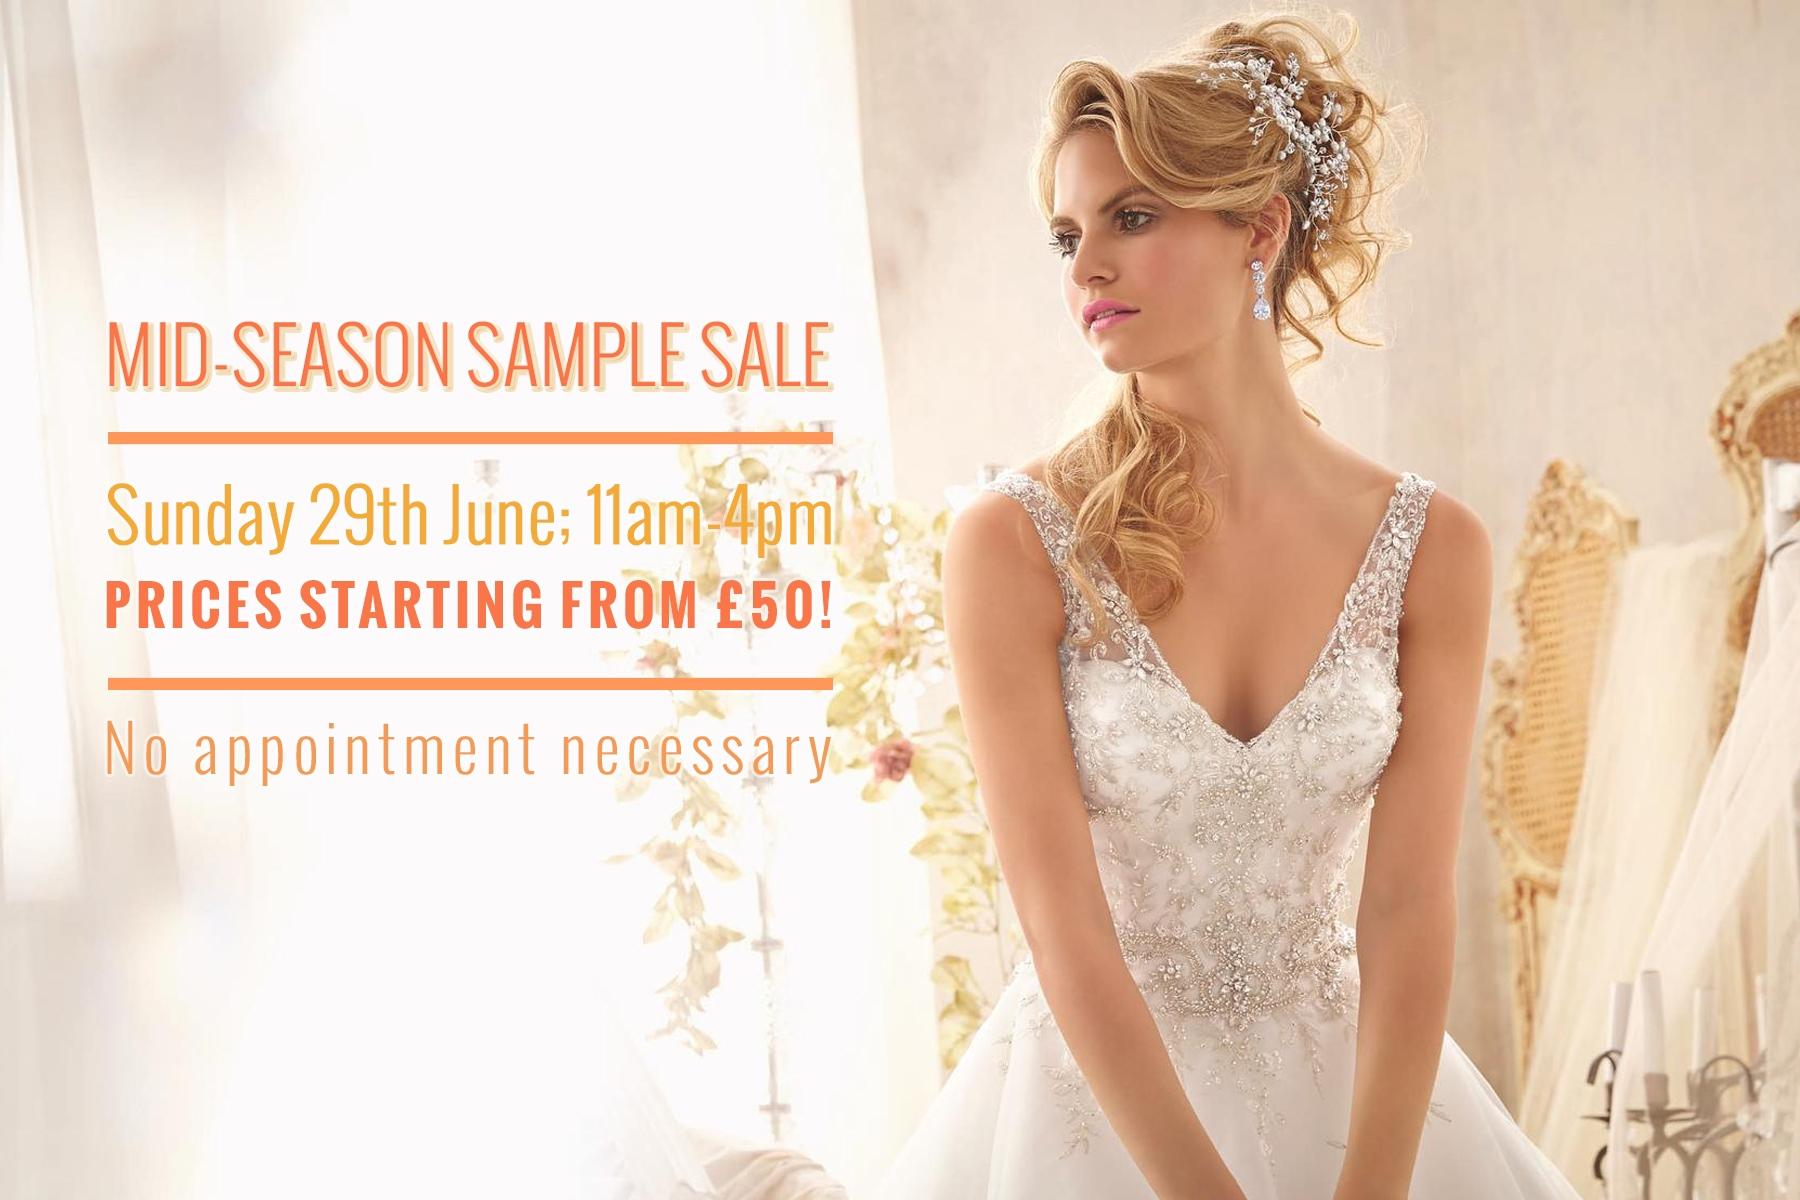 Mid-Season Bridal Sample Sale 2014